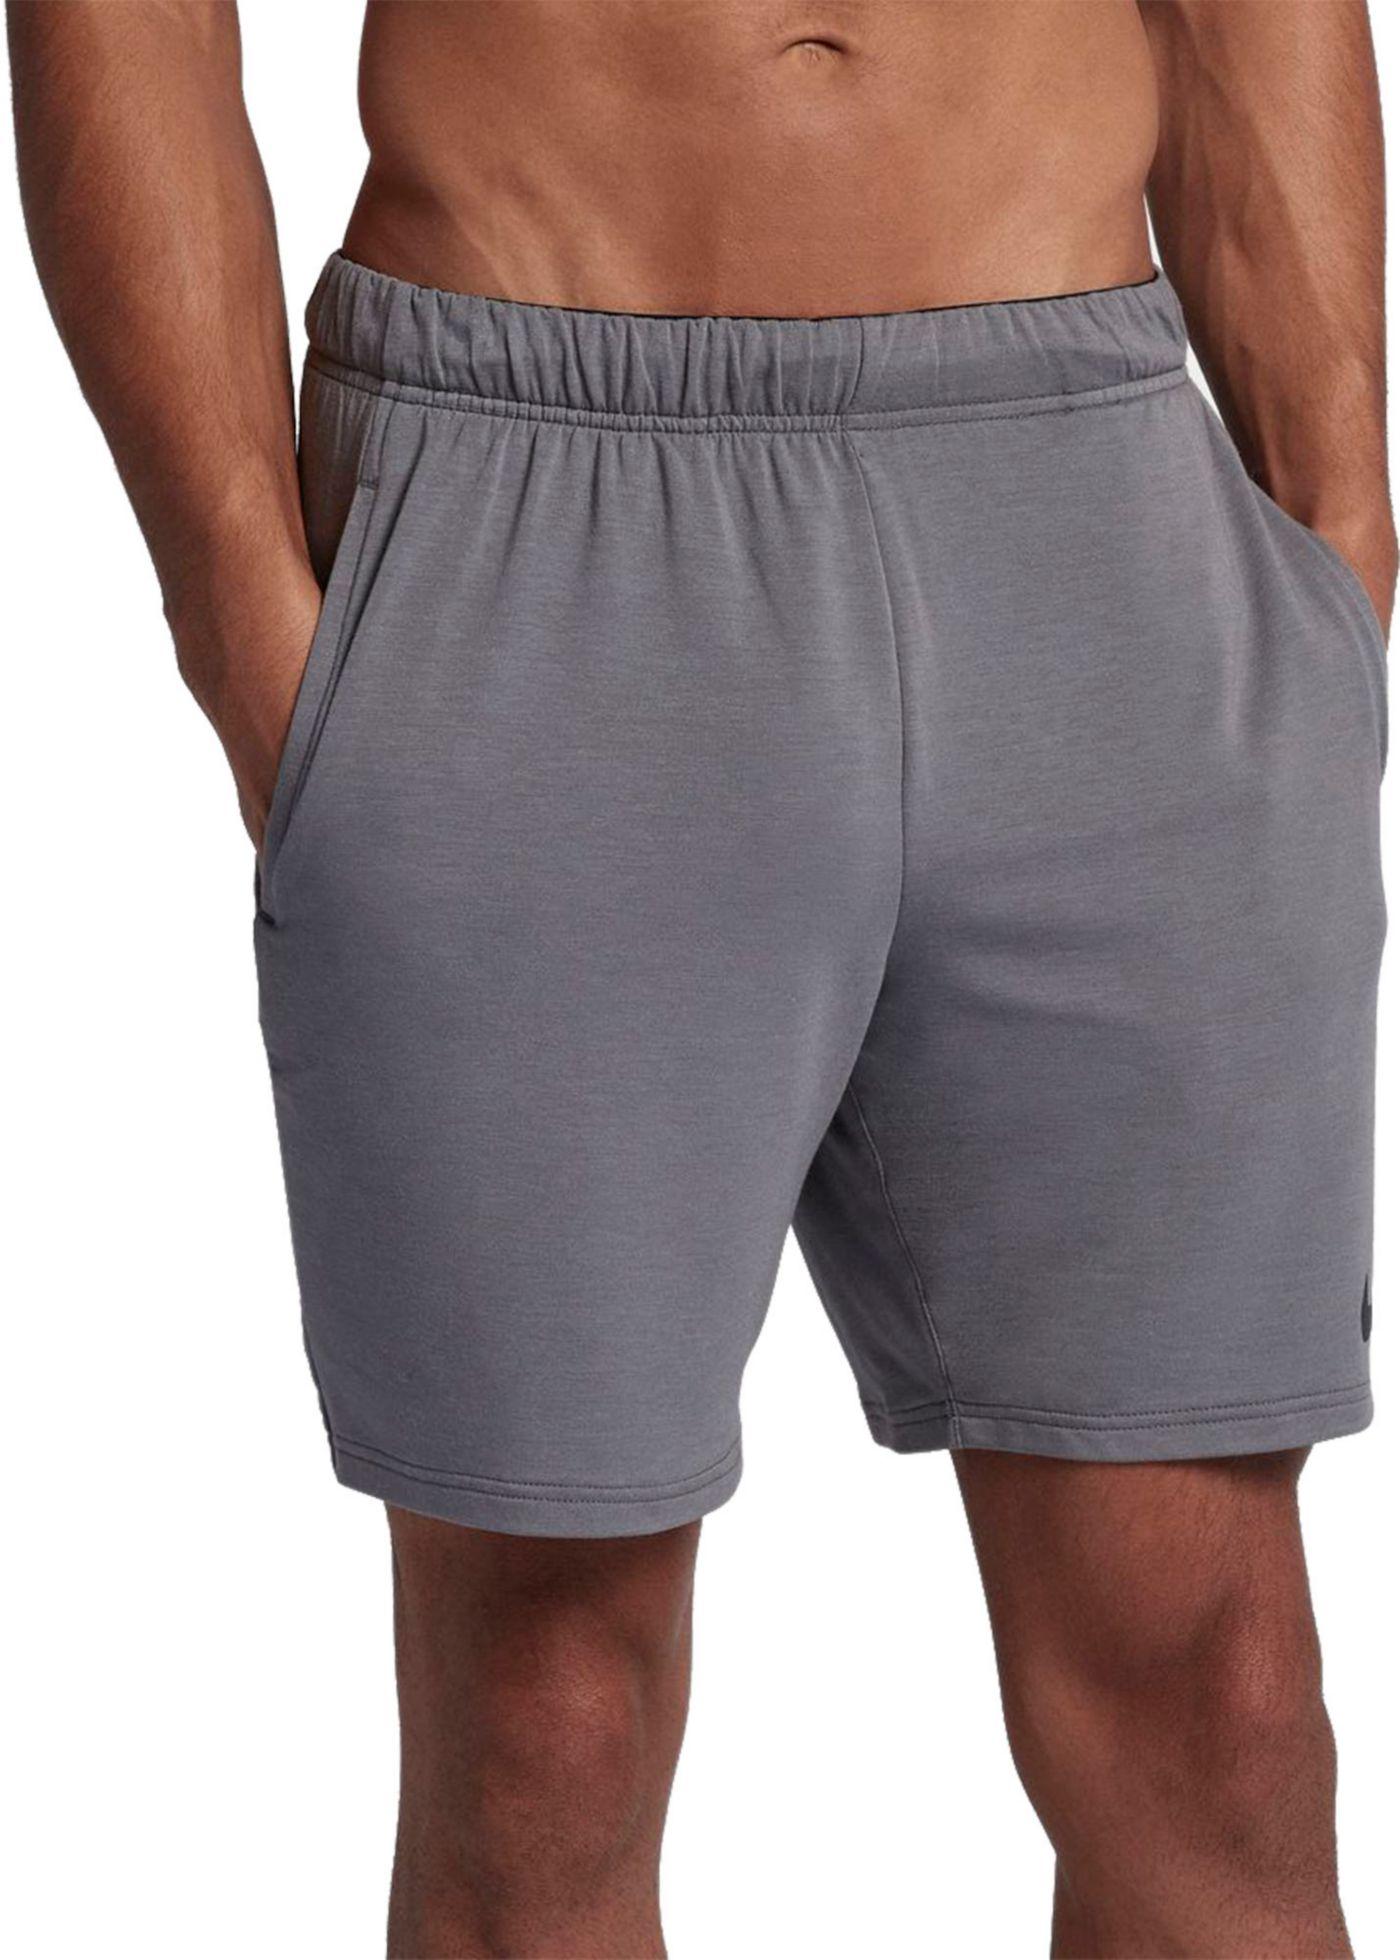 Nike Men's Dry Hyper Training Shorts